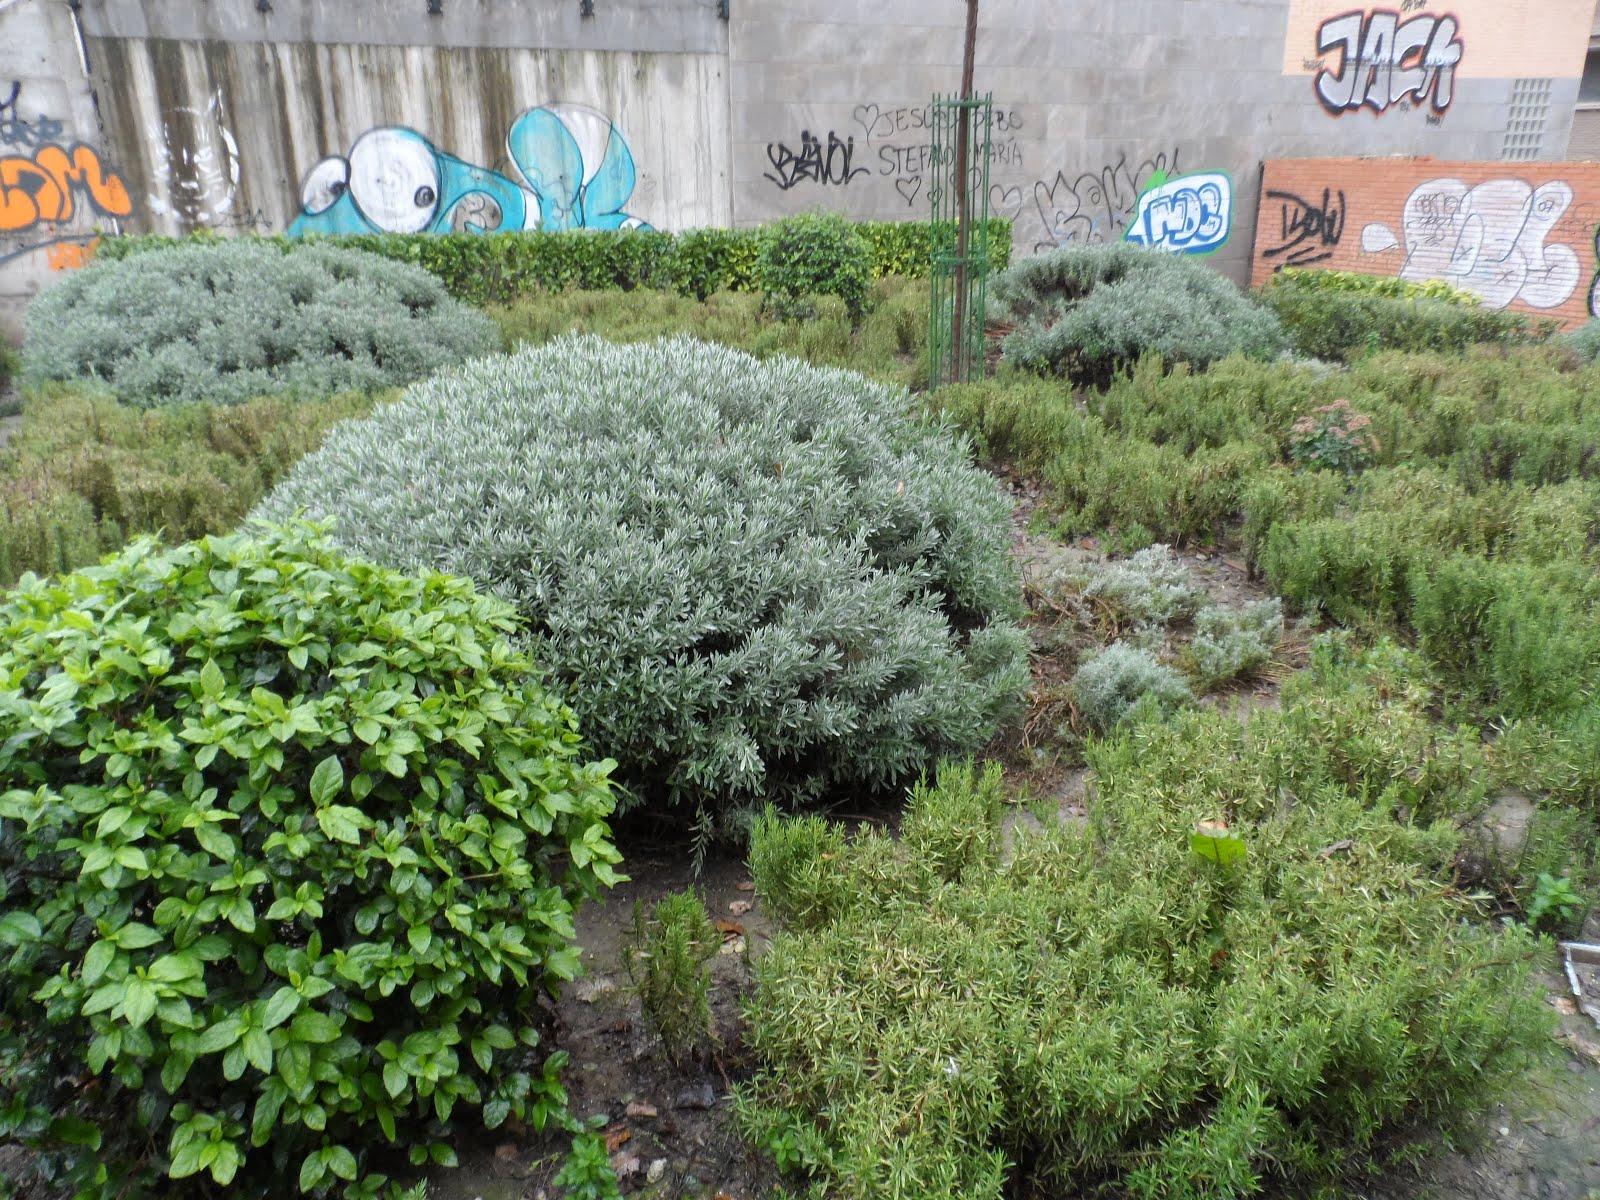 Jardines ciencia y arte peque o jard n de plantas for Jardin botanico medicinal